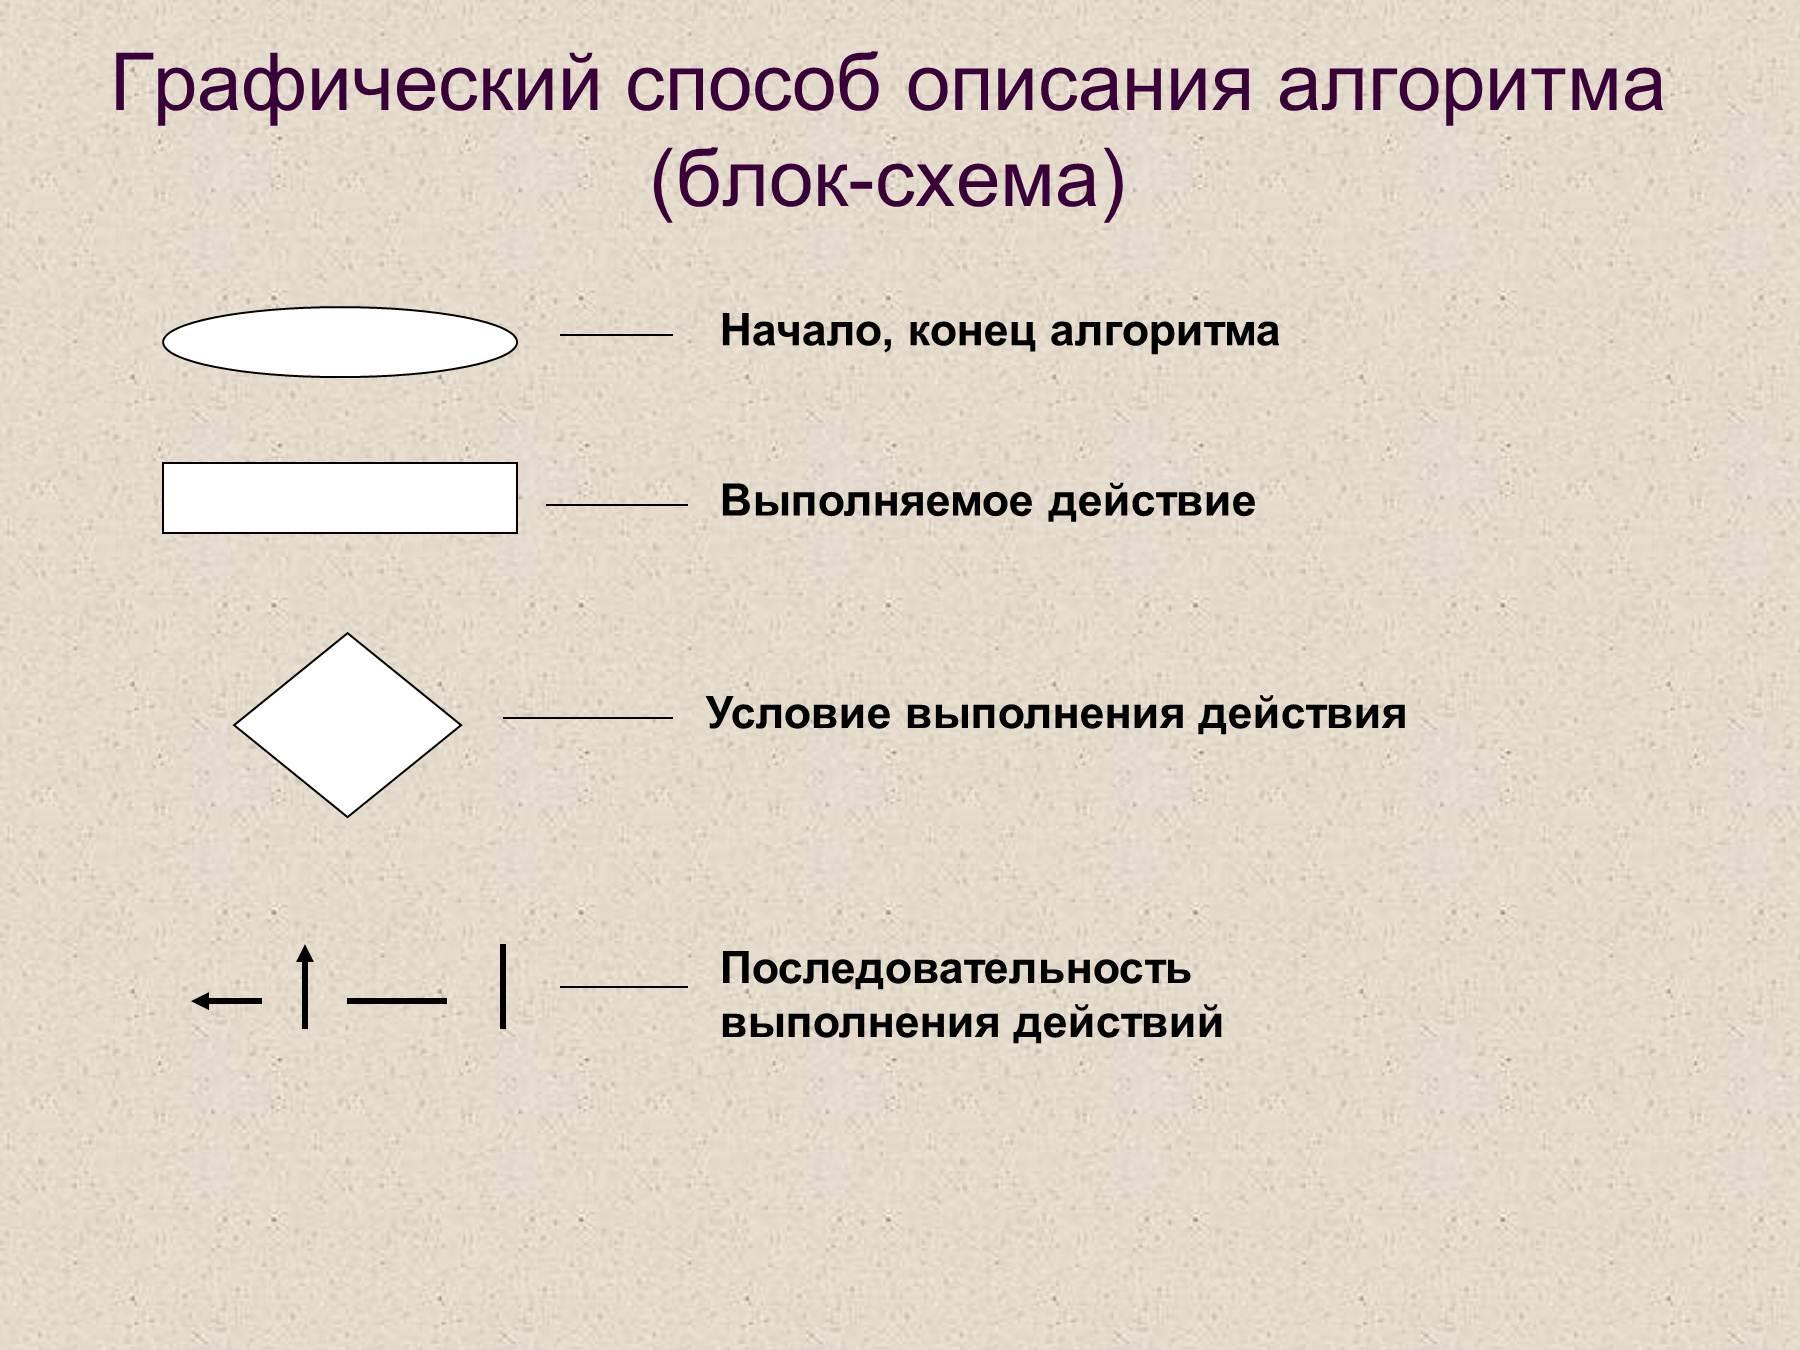 Примеры составления алгоритмов и блок схем